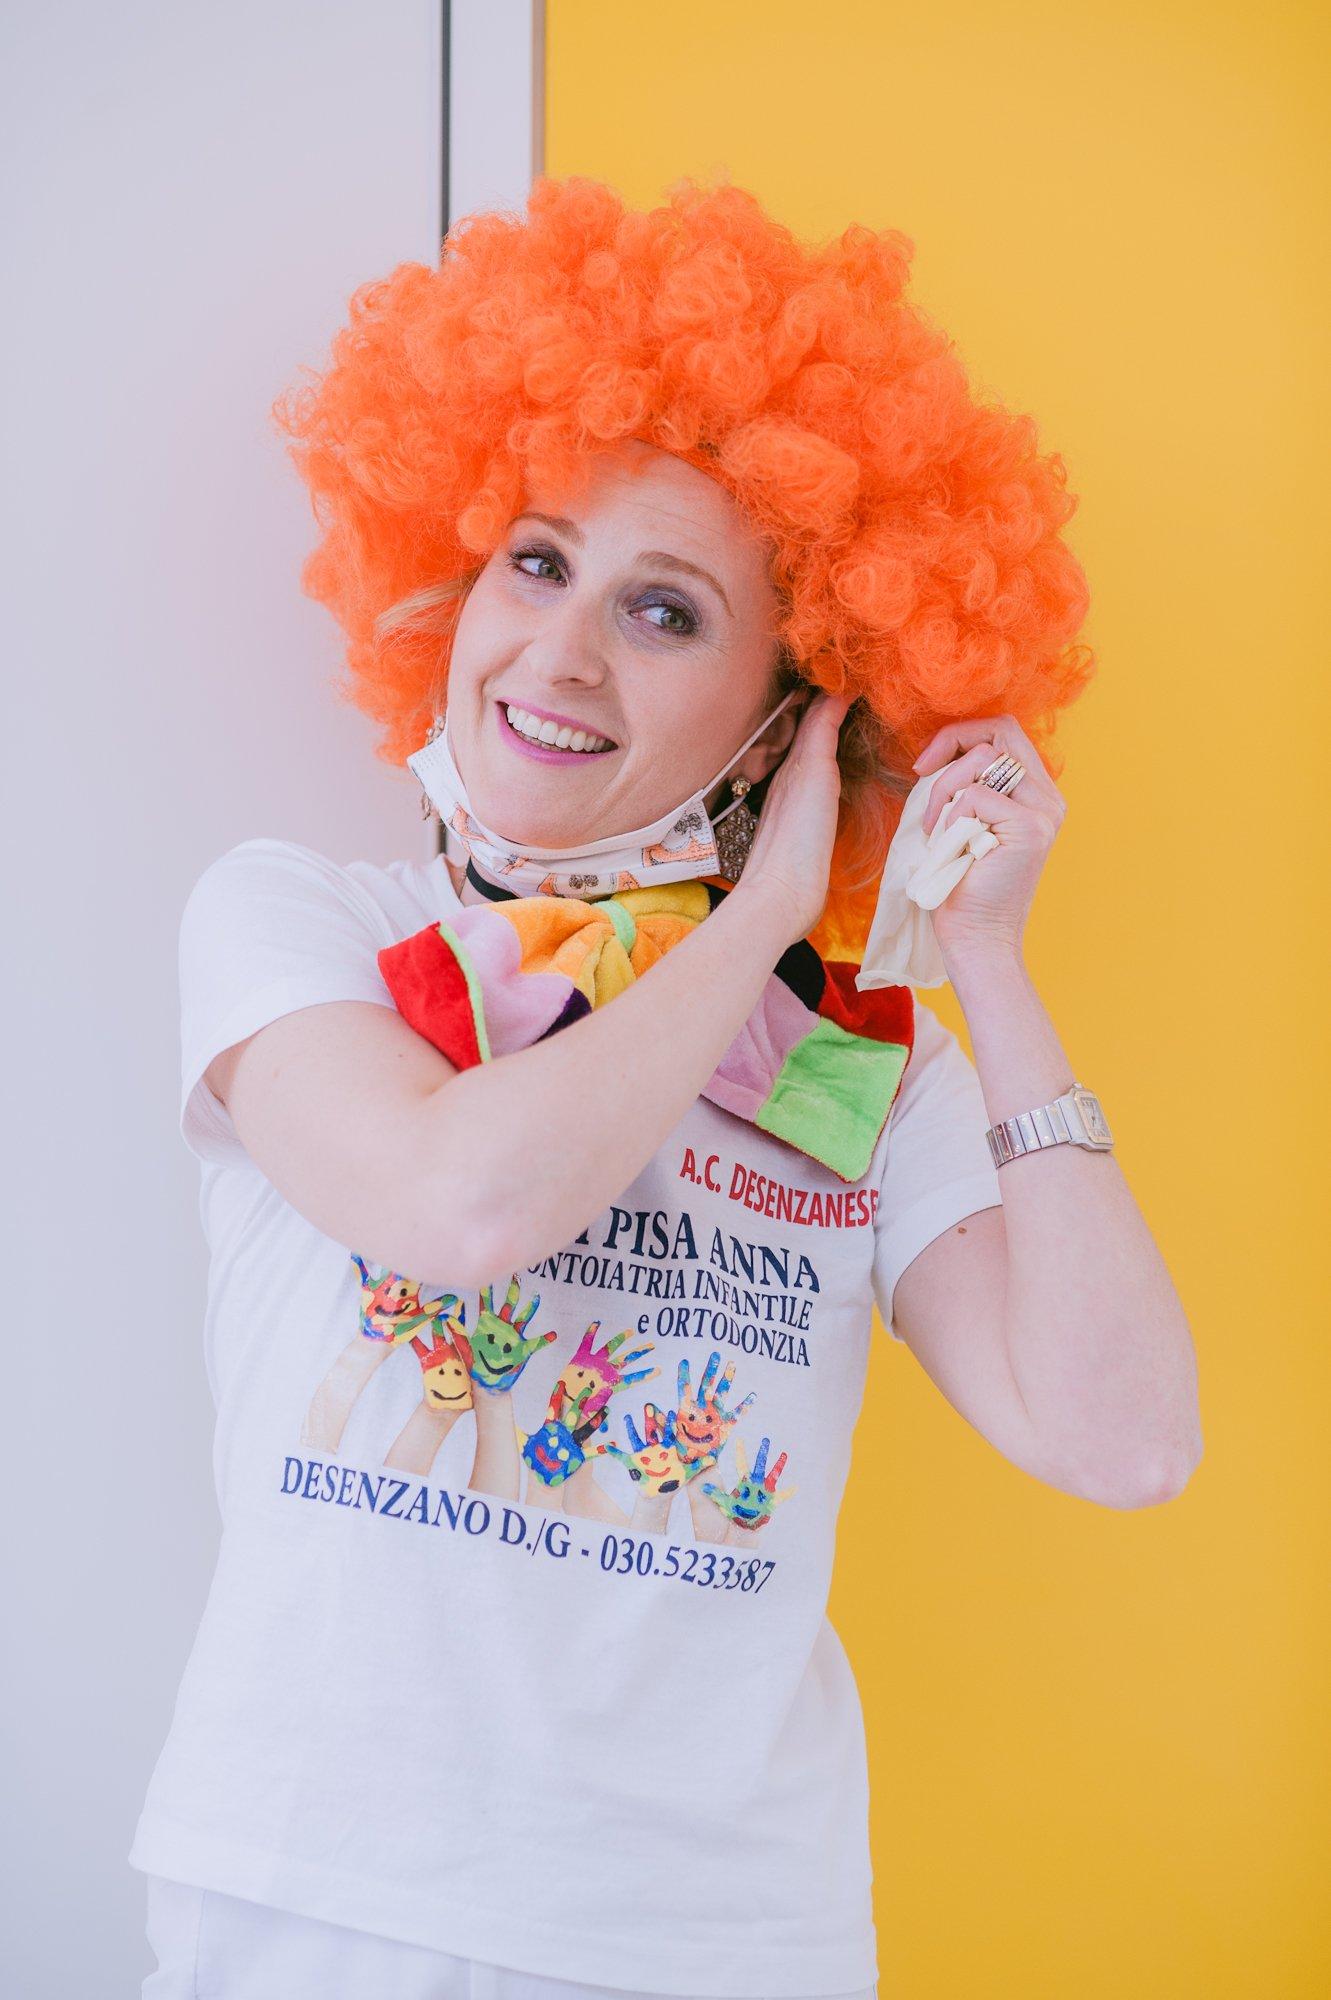 Dott.ssa Anna di Pisa mentre indossa una parrucca